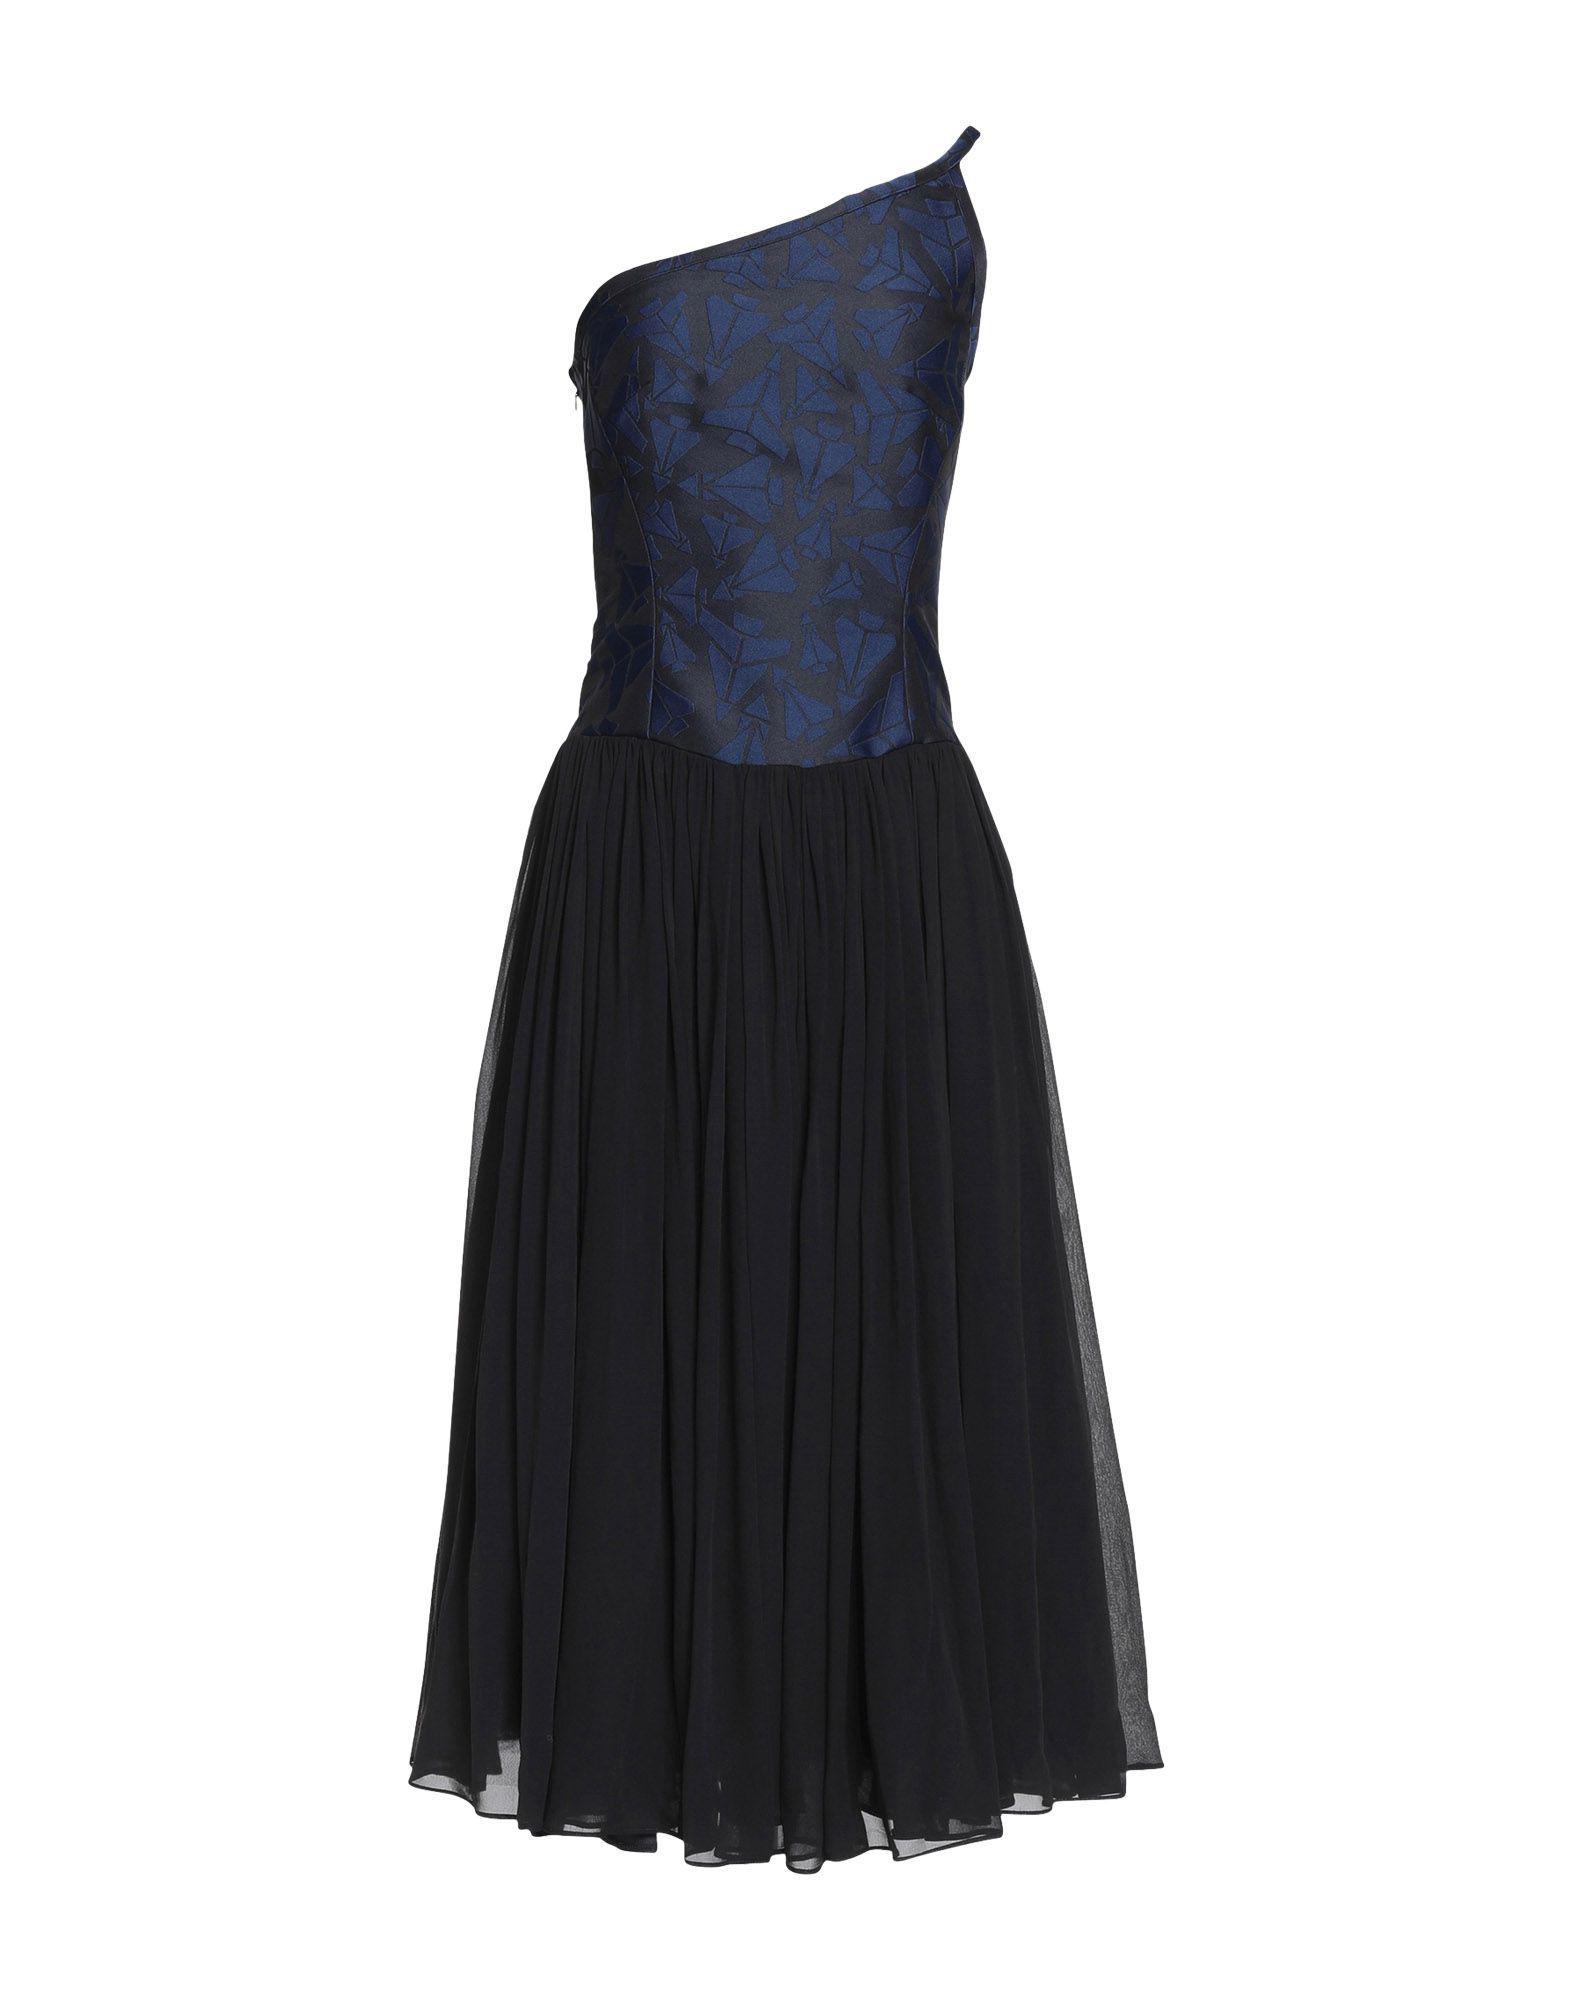 DRESSES - 3/4 length dresses Merchant Archive ZOrrru